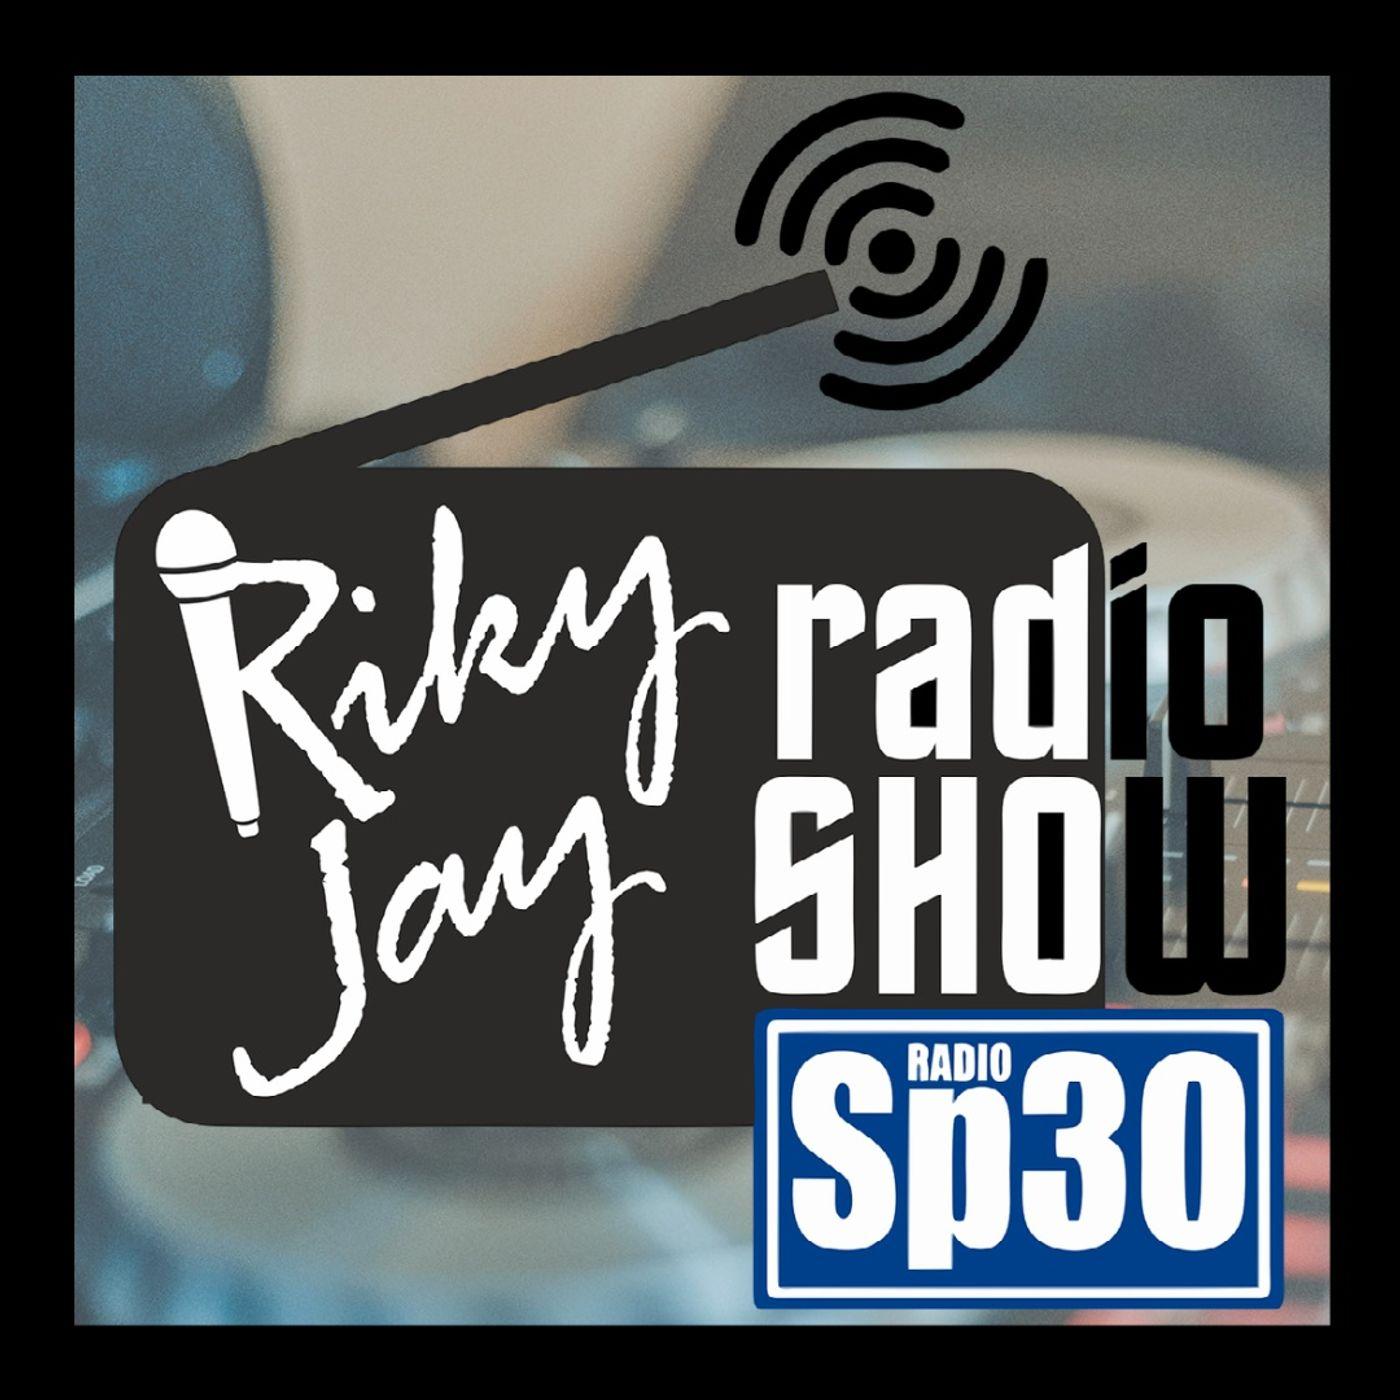 RikyJay Radio Show - #RadioSP30